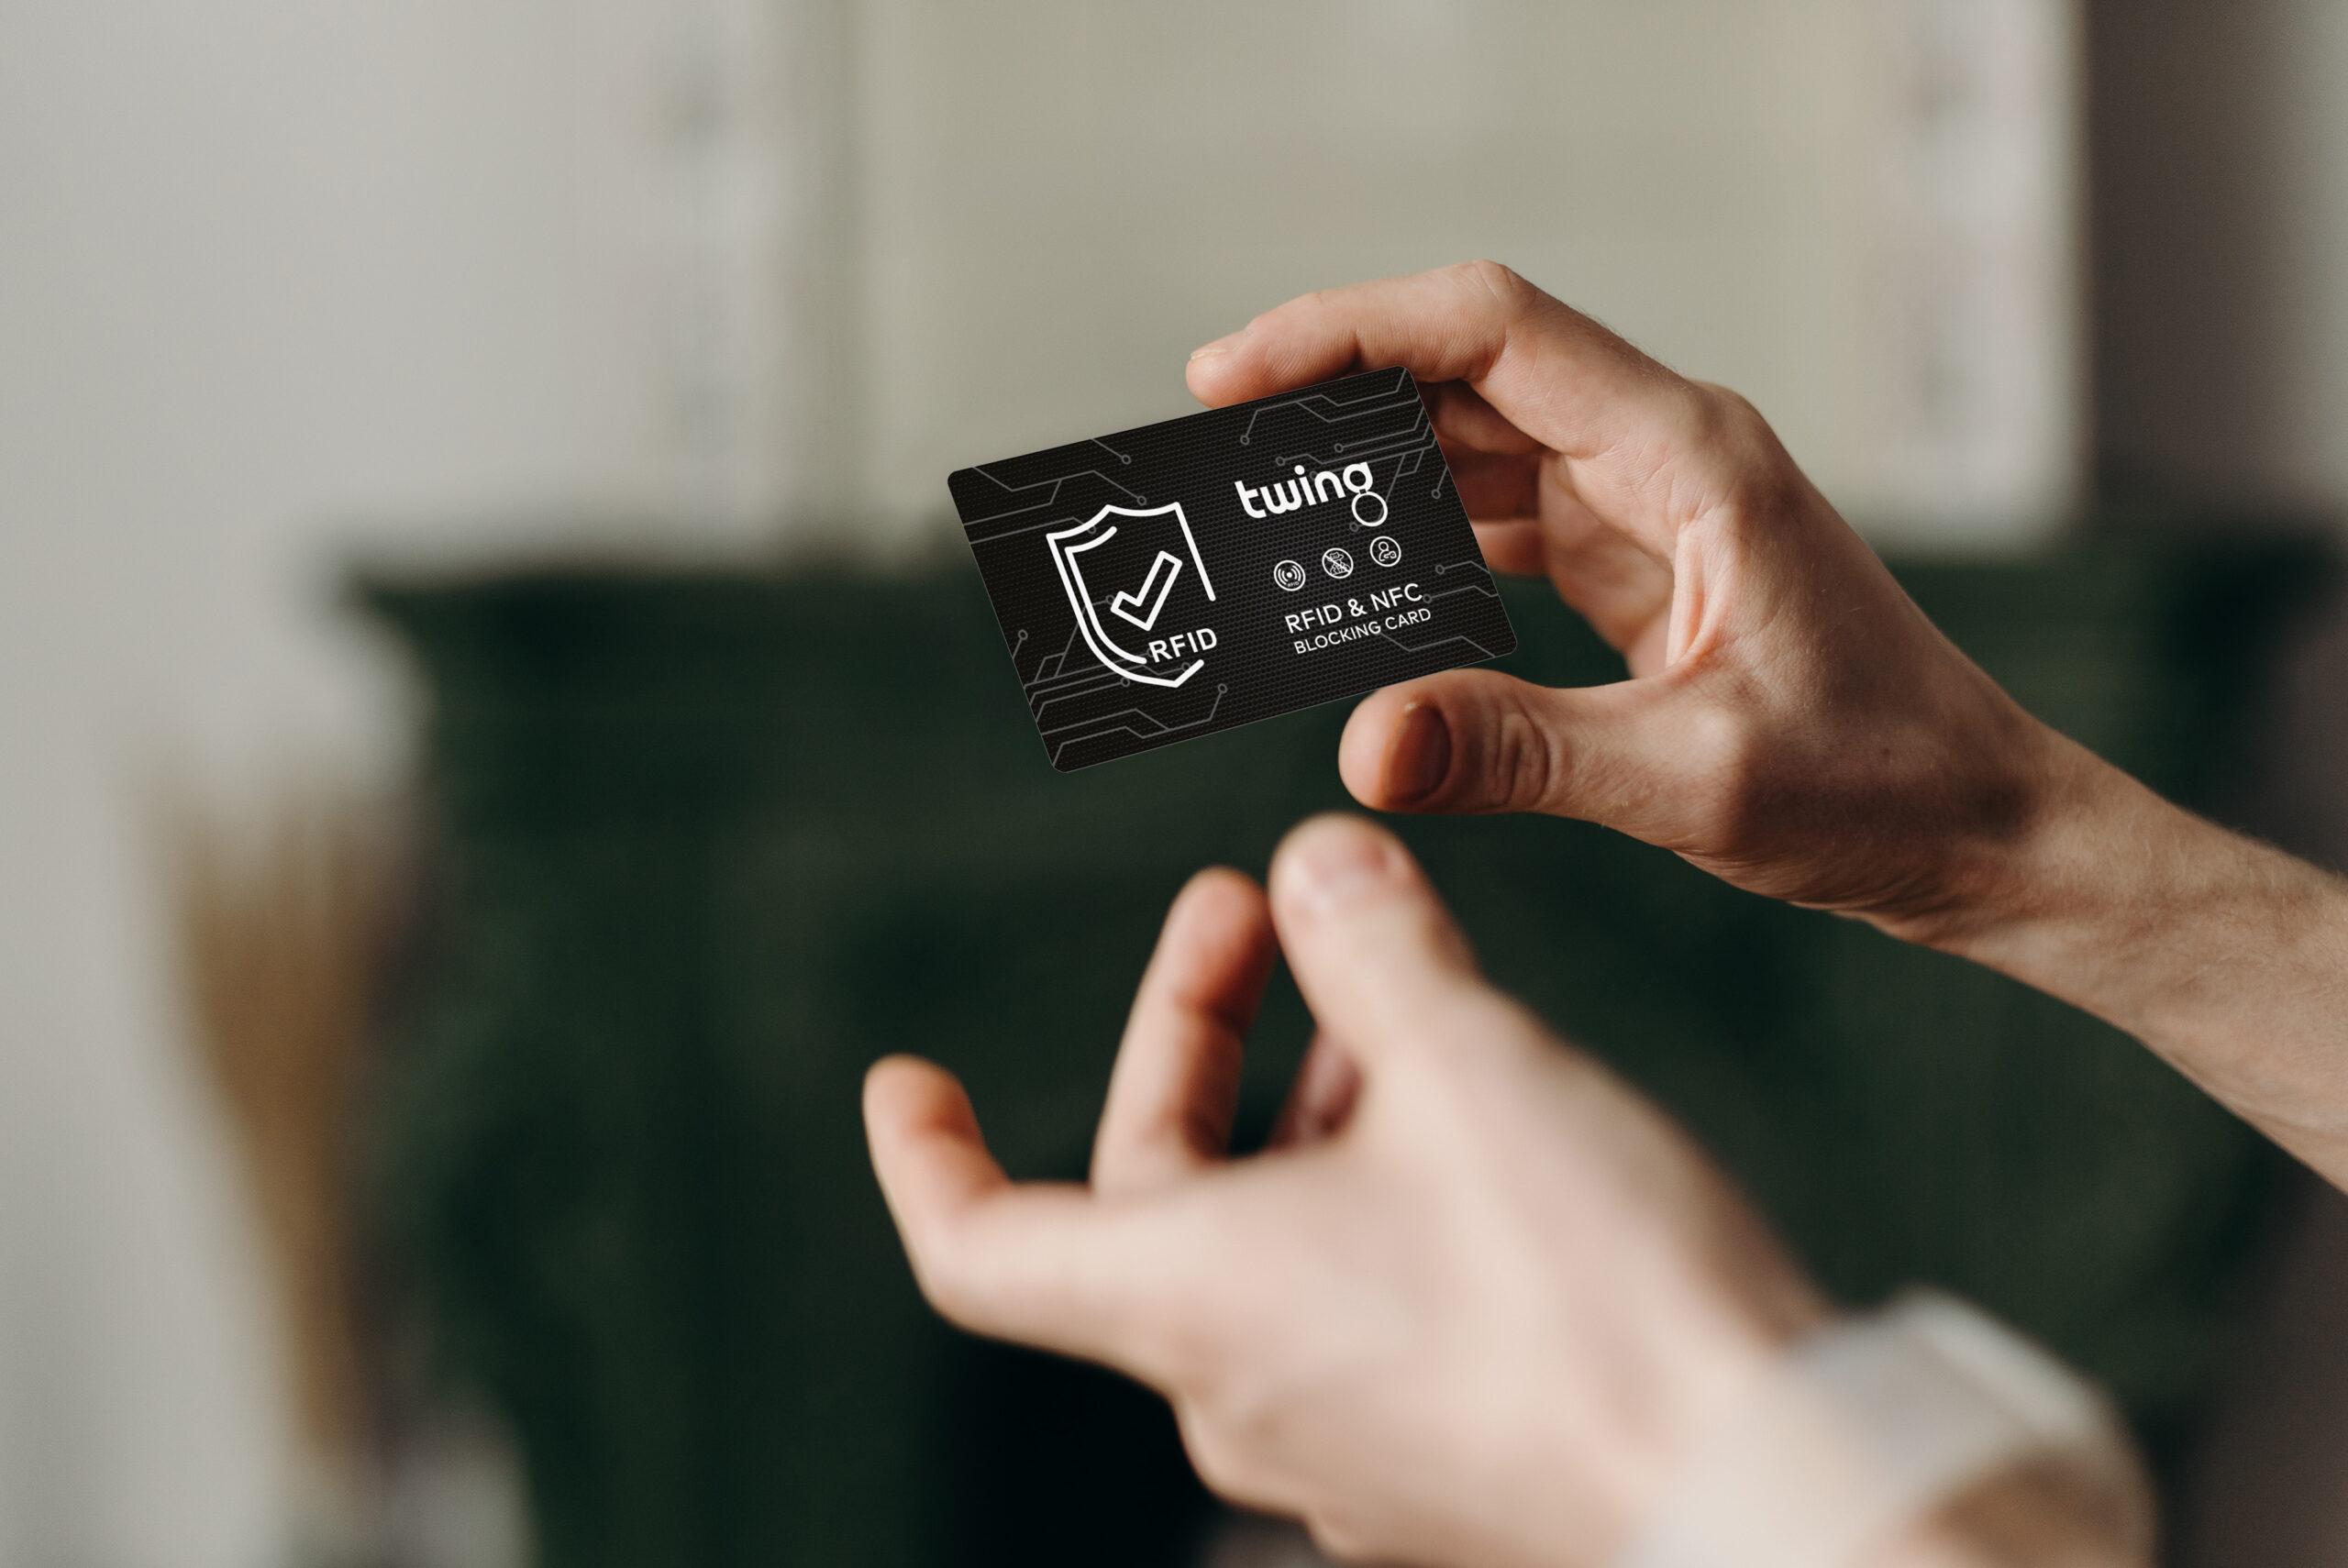 twing rfid blocker karte - der beste schutz gegen skimming im kreditkartenformat